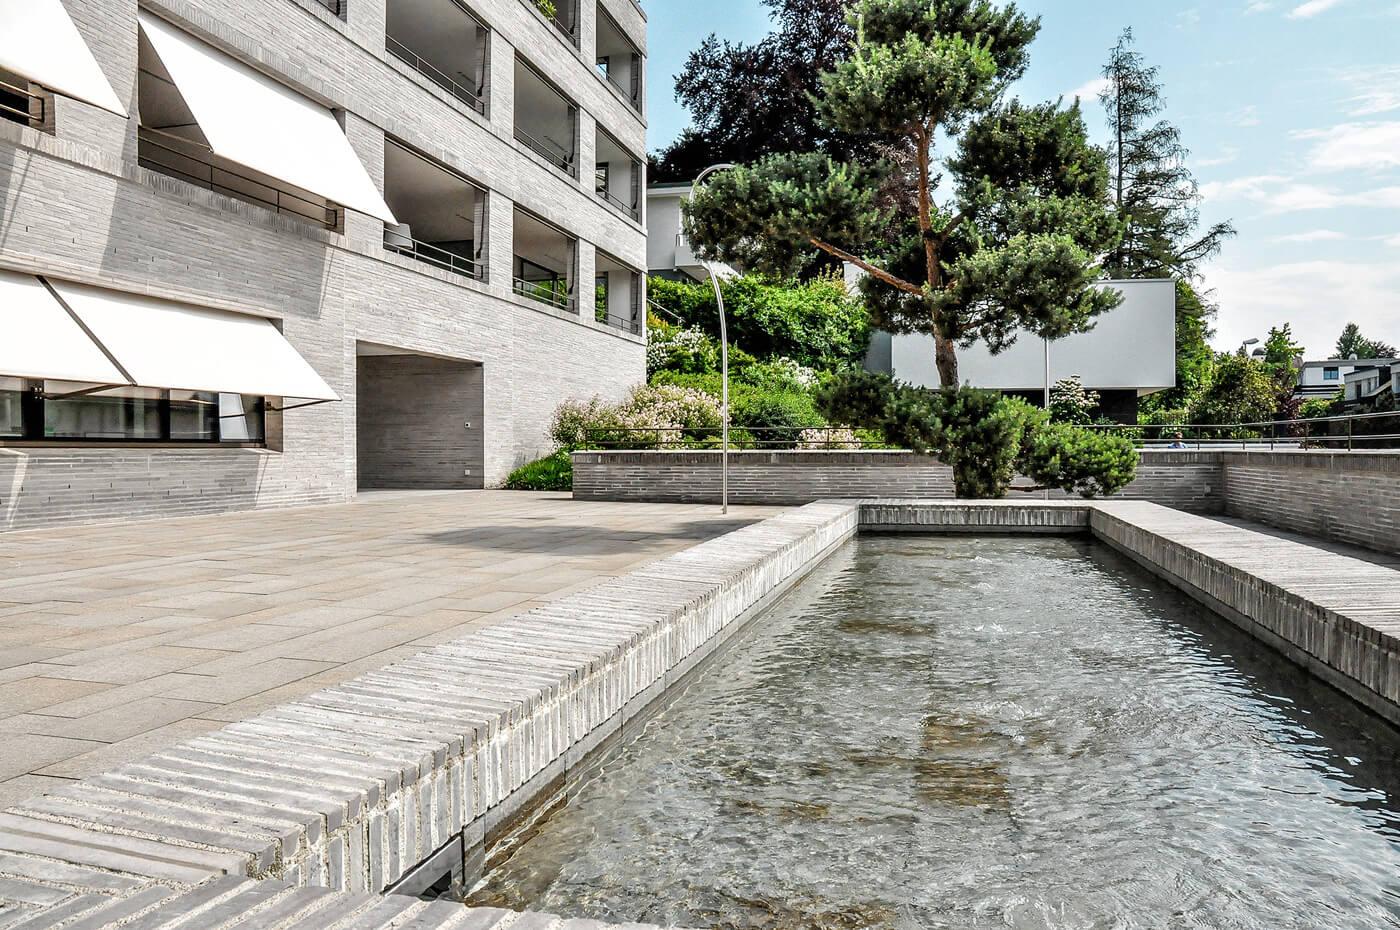 Wohn berbauung zug parc 39 s landschaftsarchitektur gmbh for Raumgestaltung zug